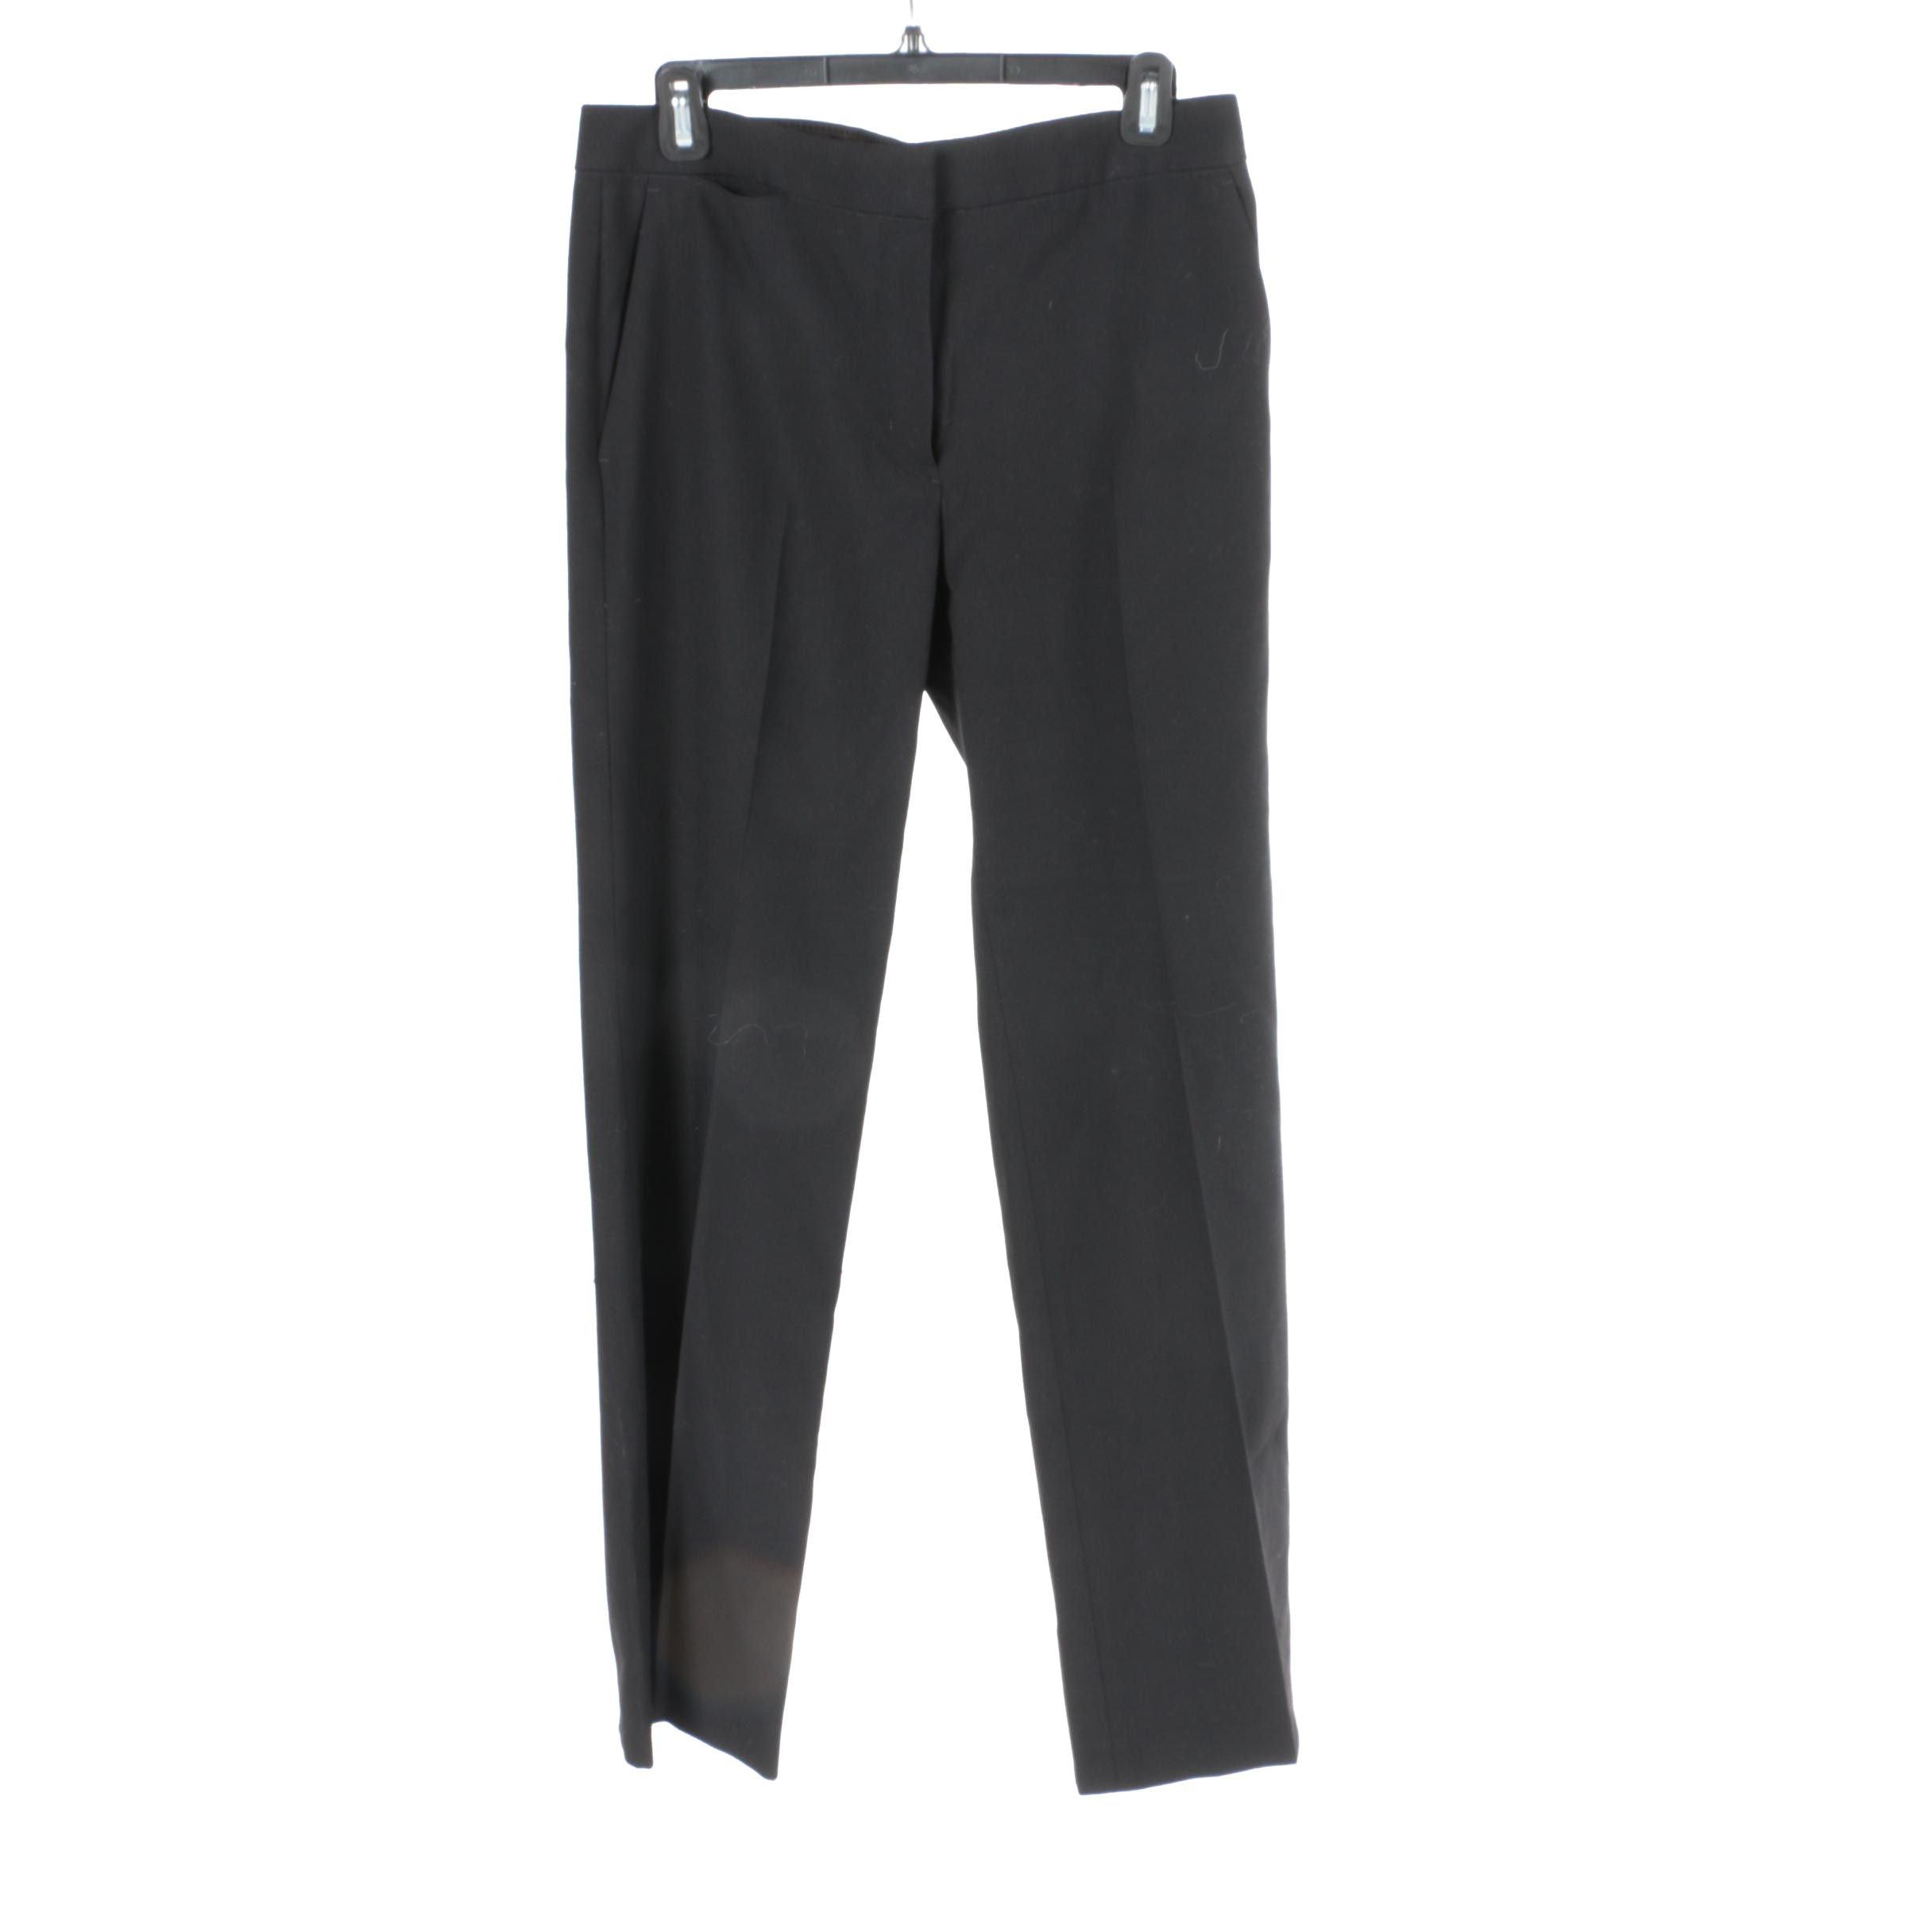 Helmut Lang Black Front Pleat Pants